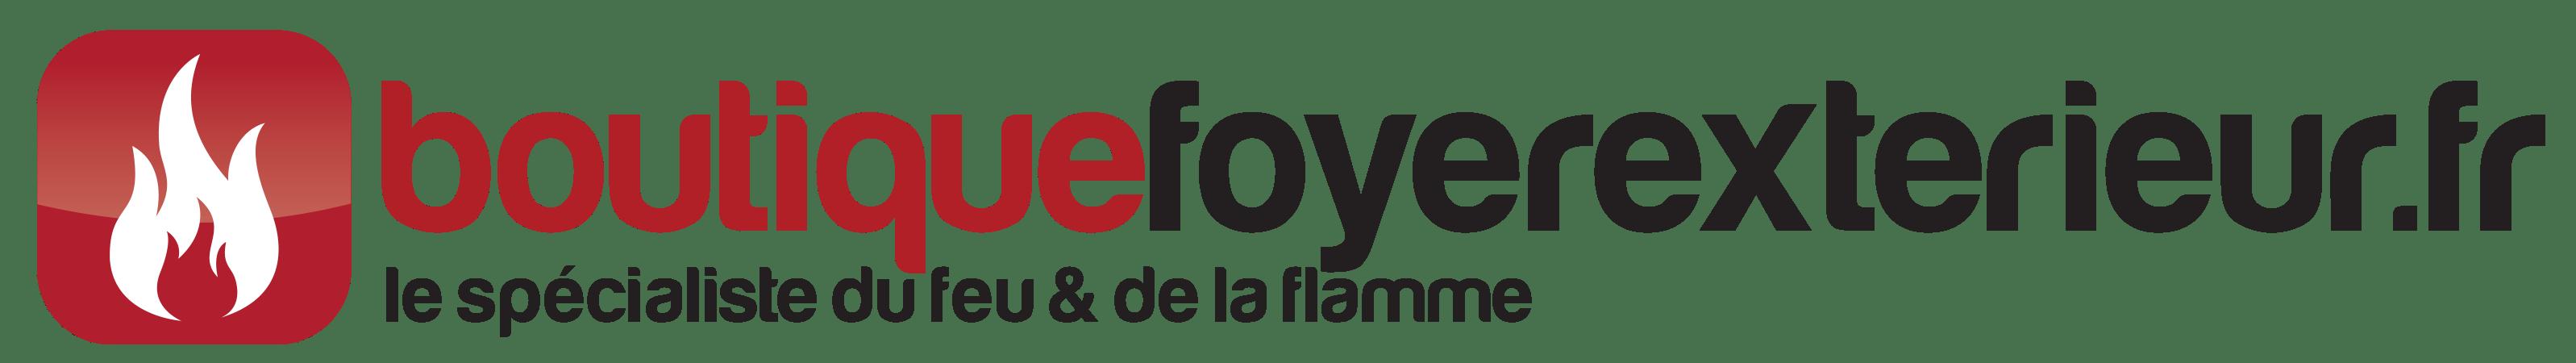 Boutiquefoyerexterieur.fr